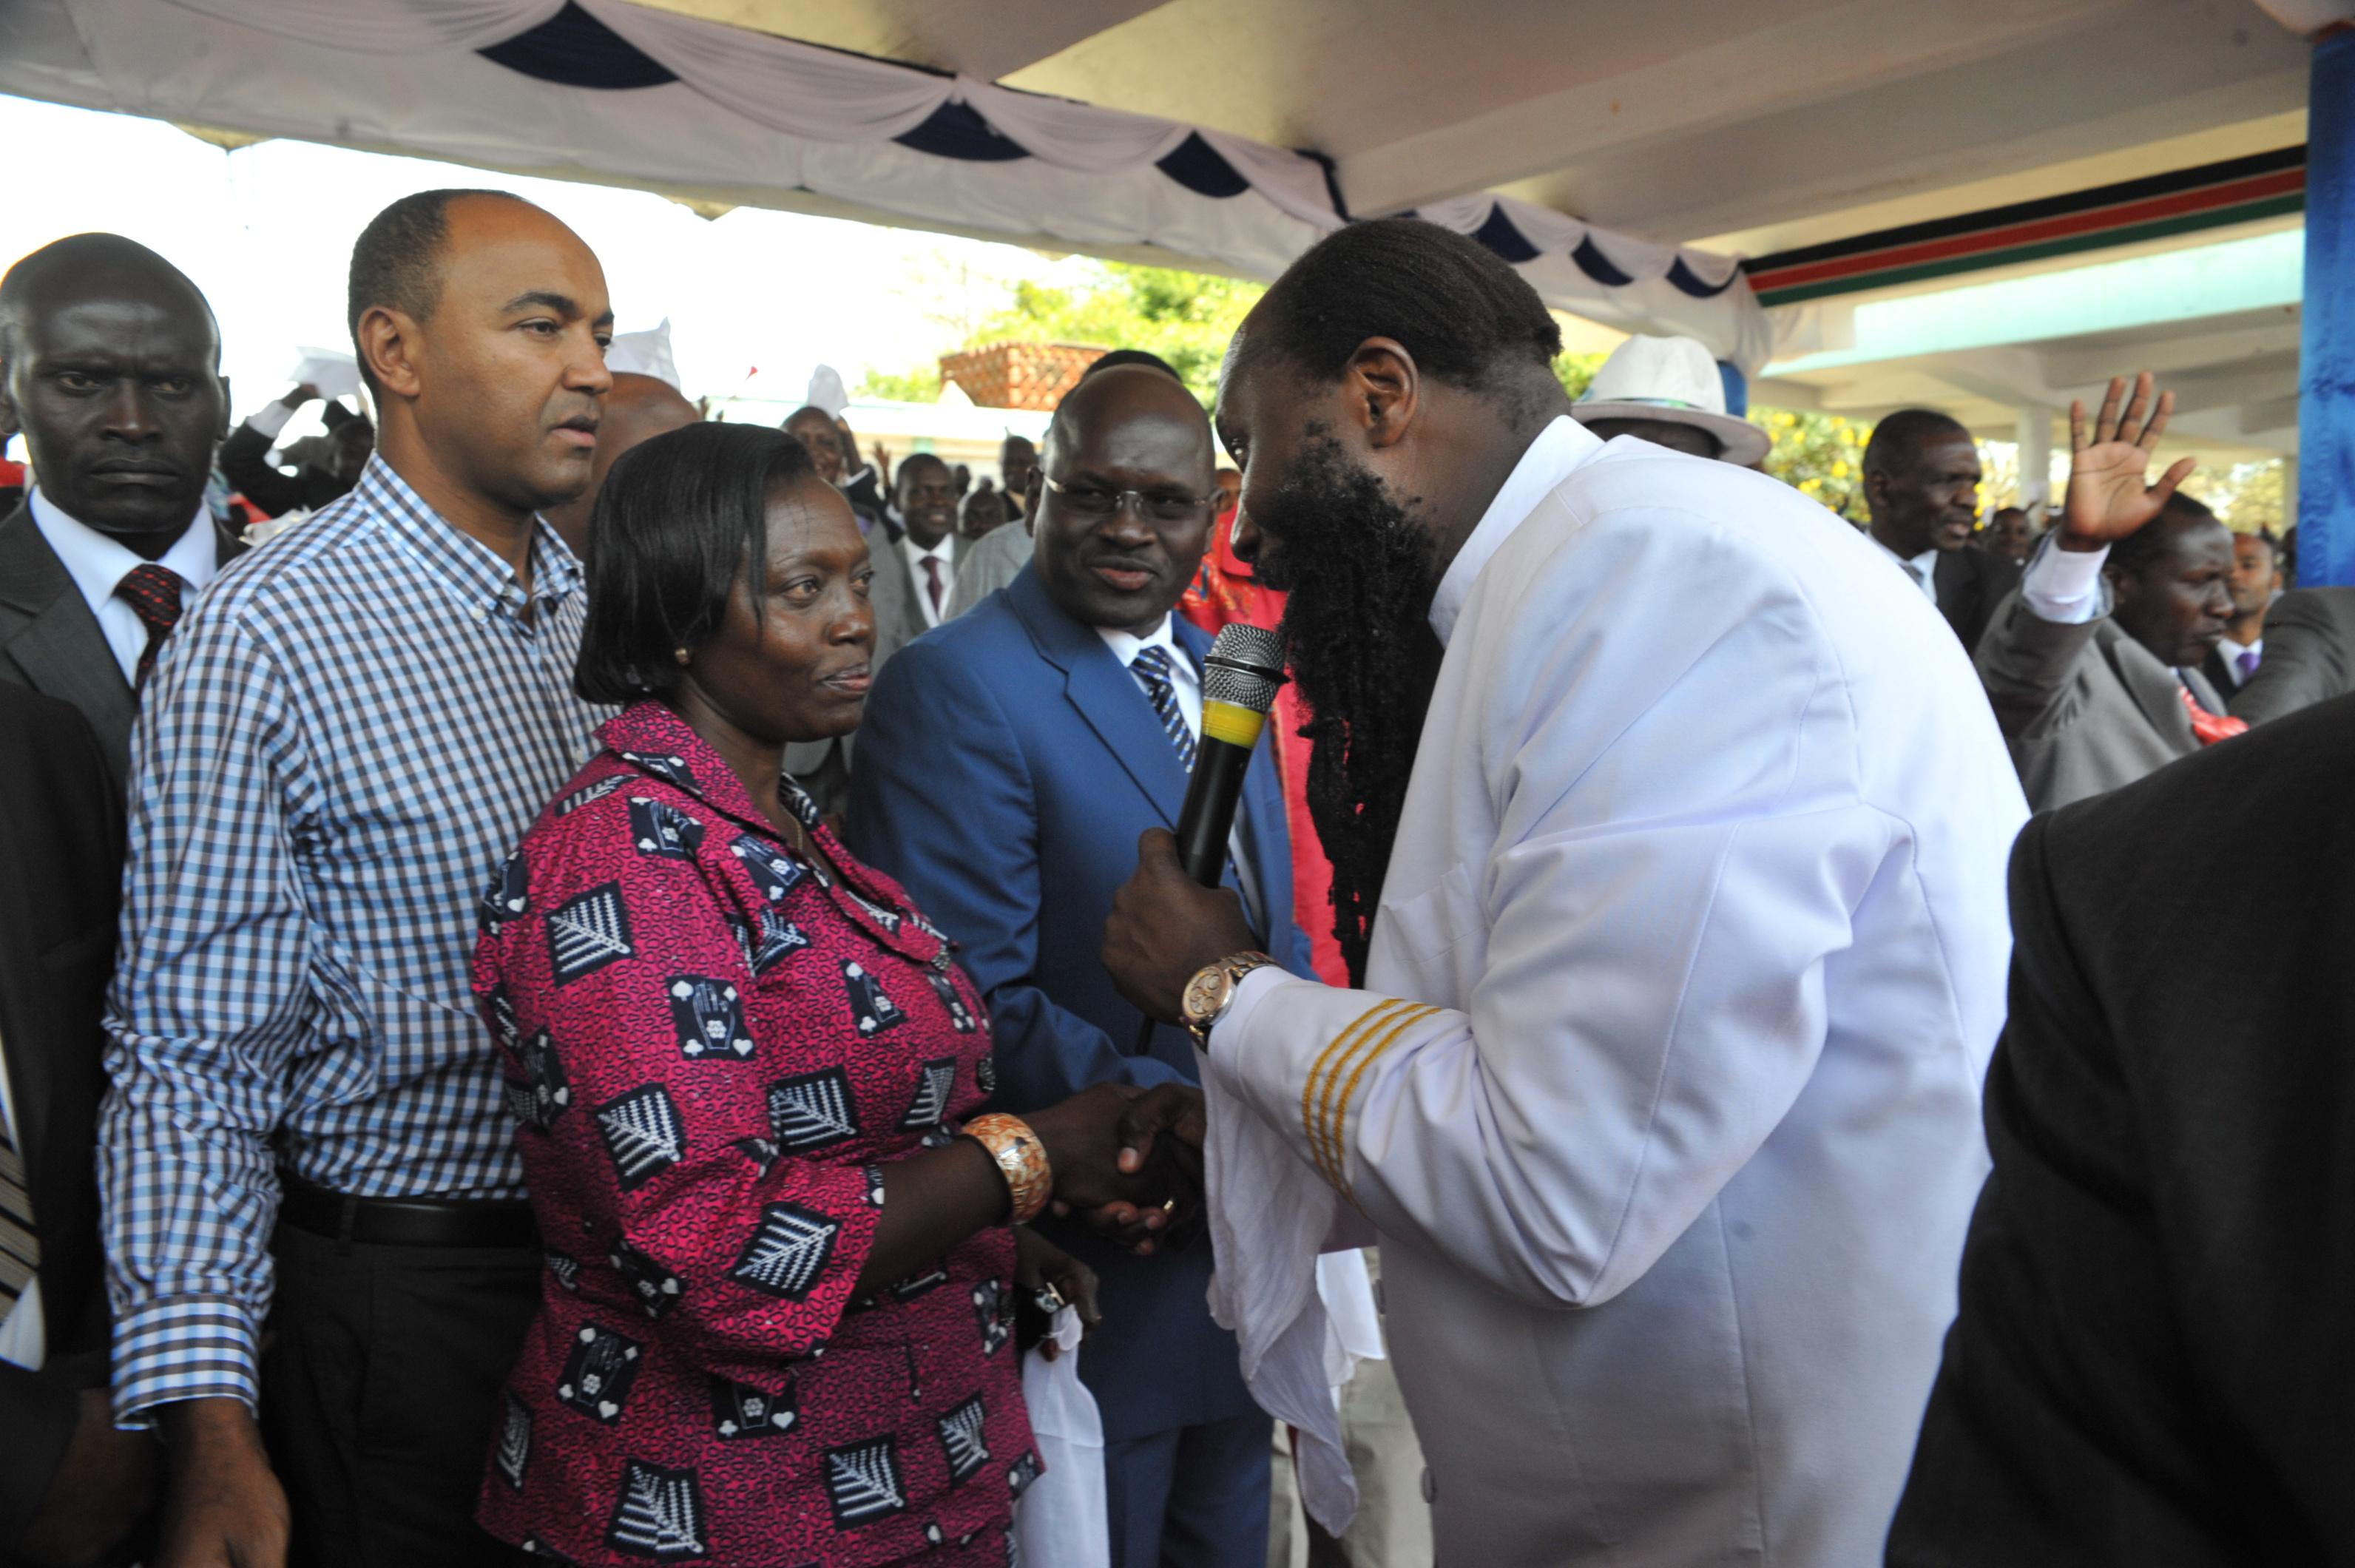 Karua, la única candidata mujer, conocida como la «dama de hierro» en Kenia